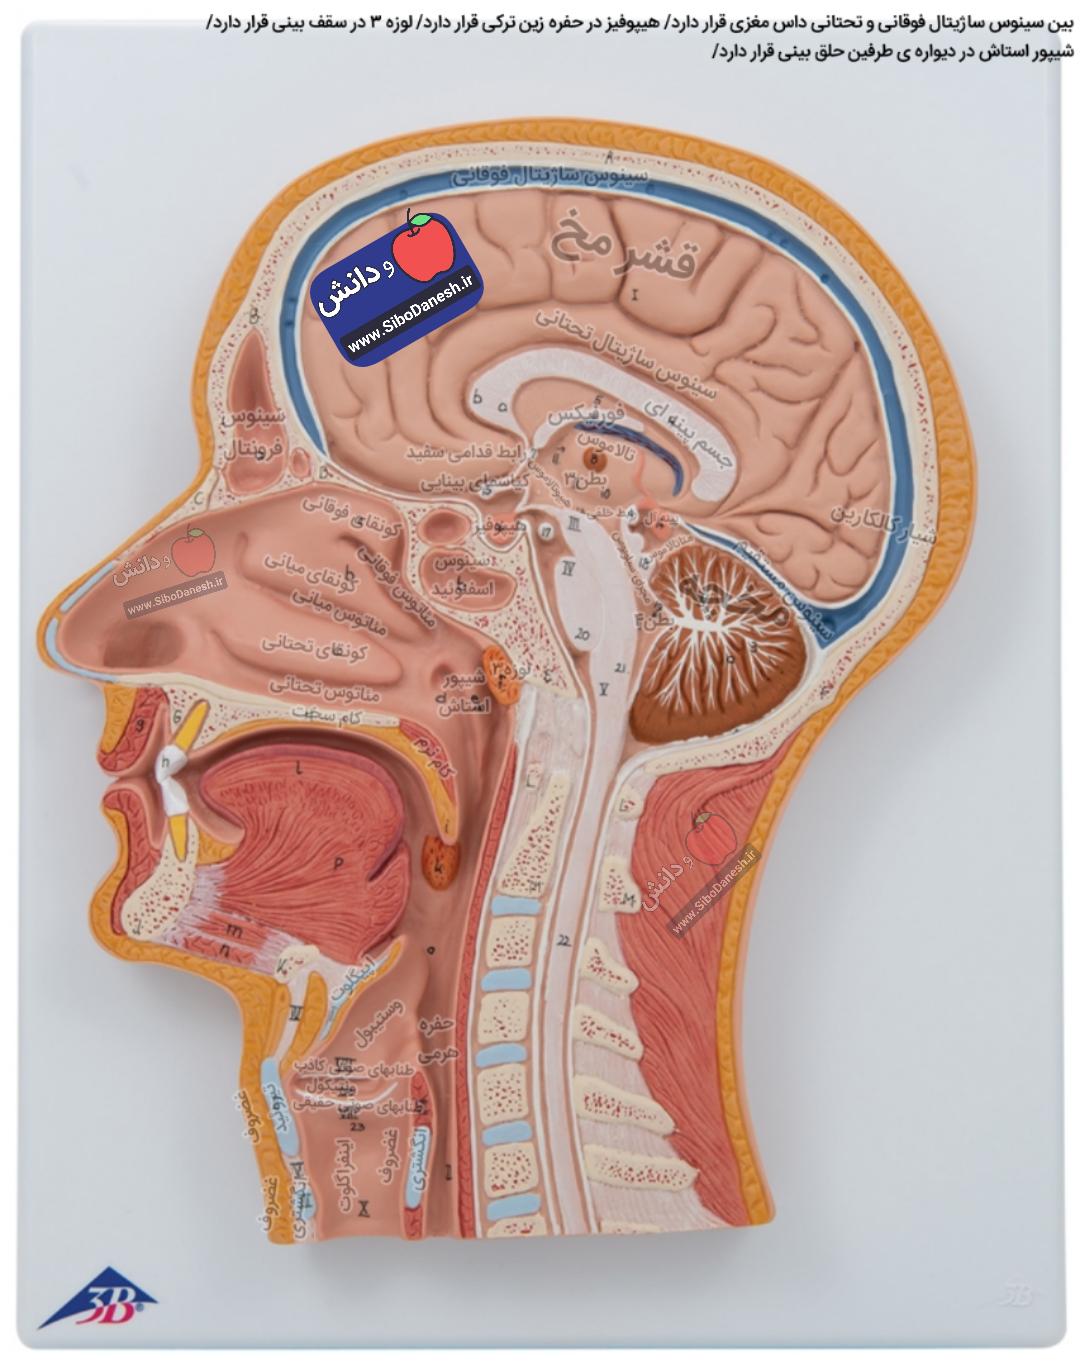 اسامی آناتومی و مکان بخش های مختلف سر و گردن